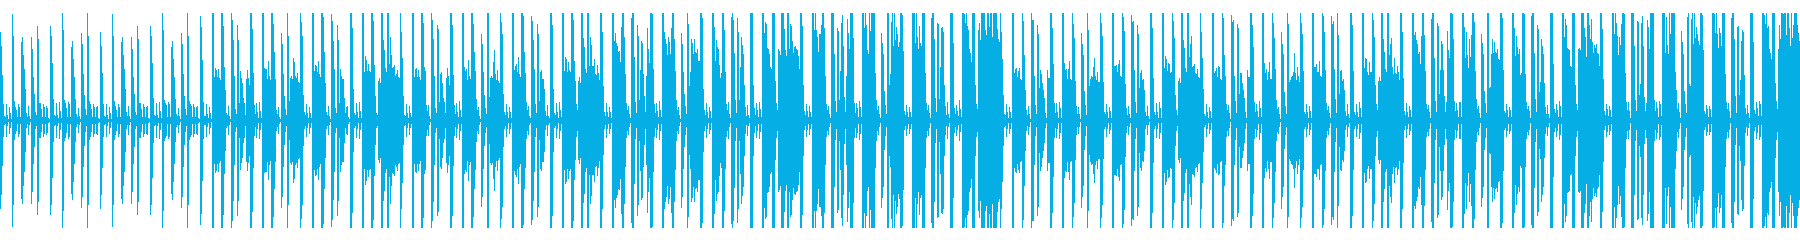 拍子抜けするような雰囲気のファンクの再生済みの波形